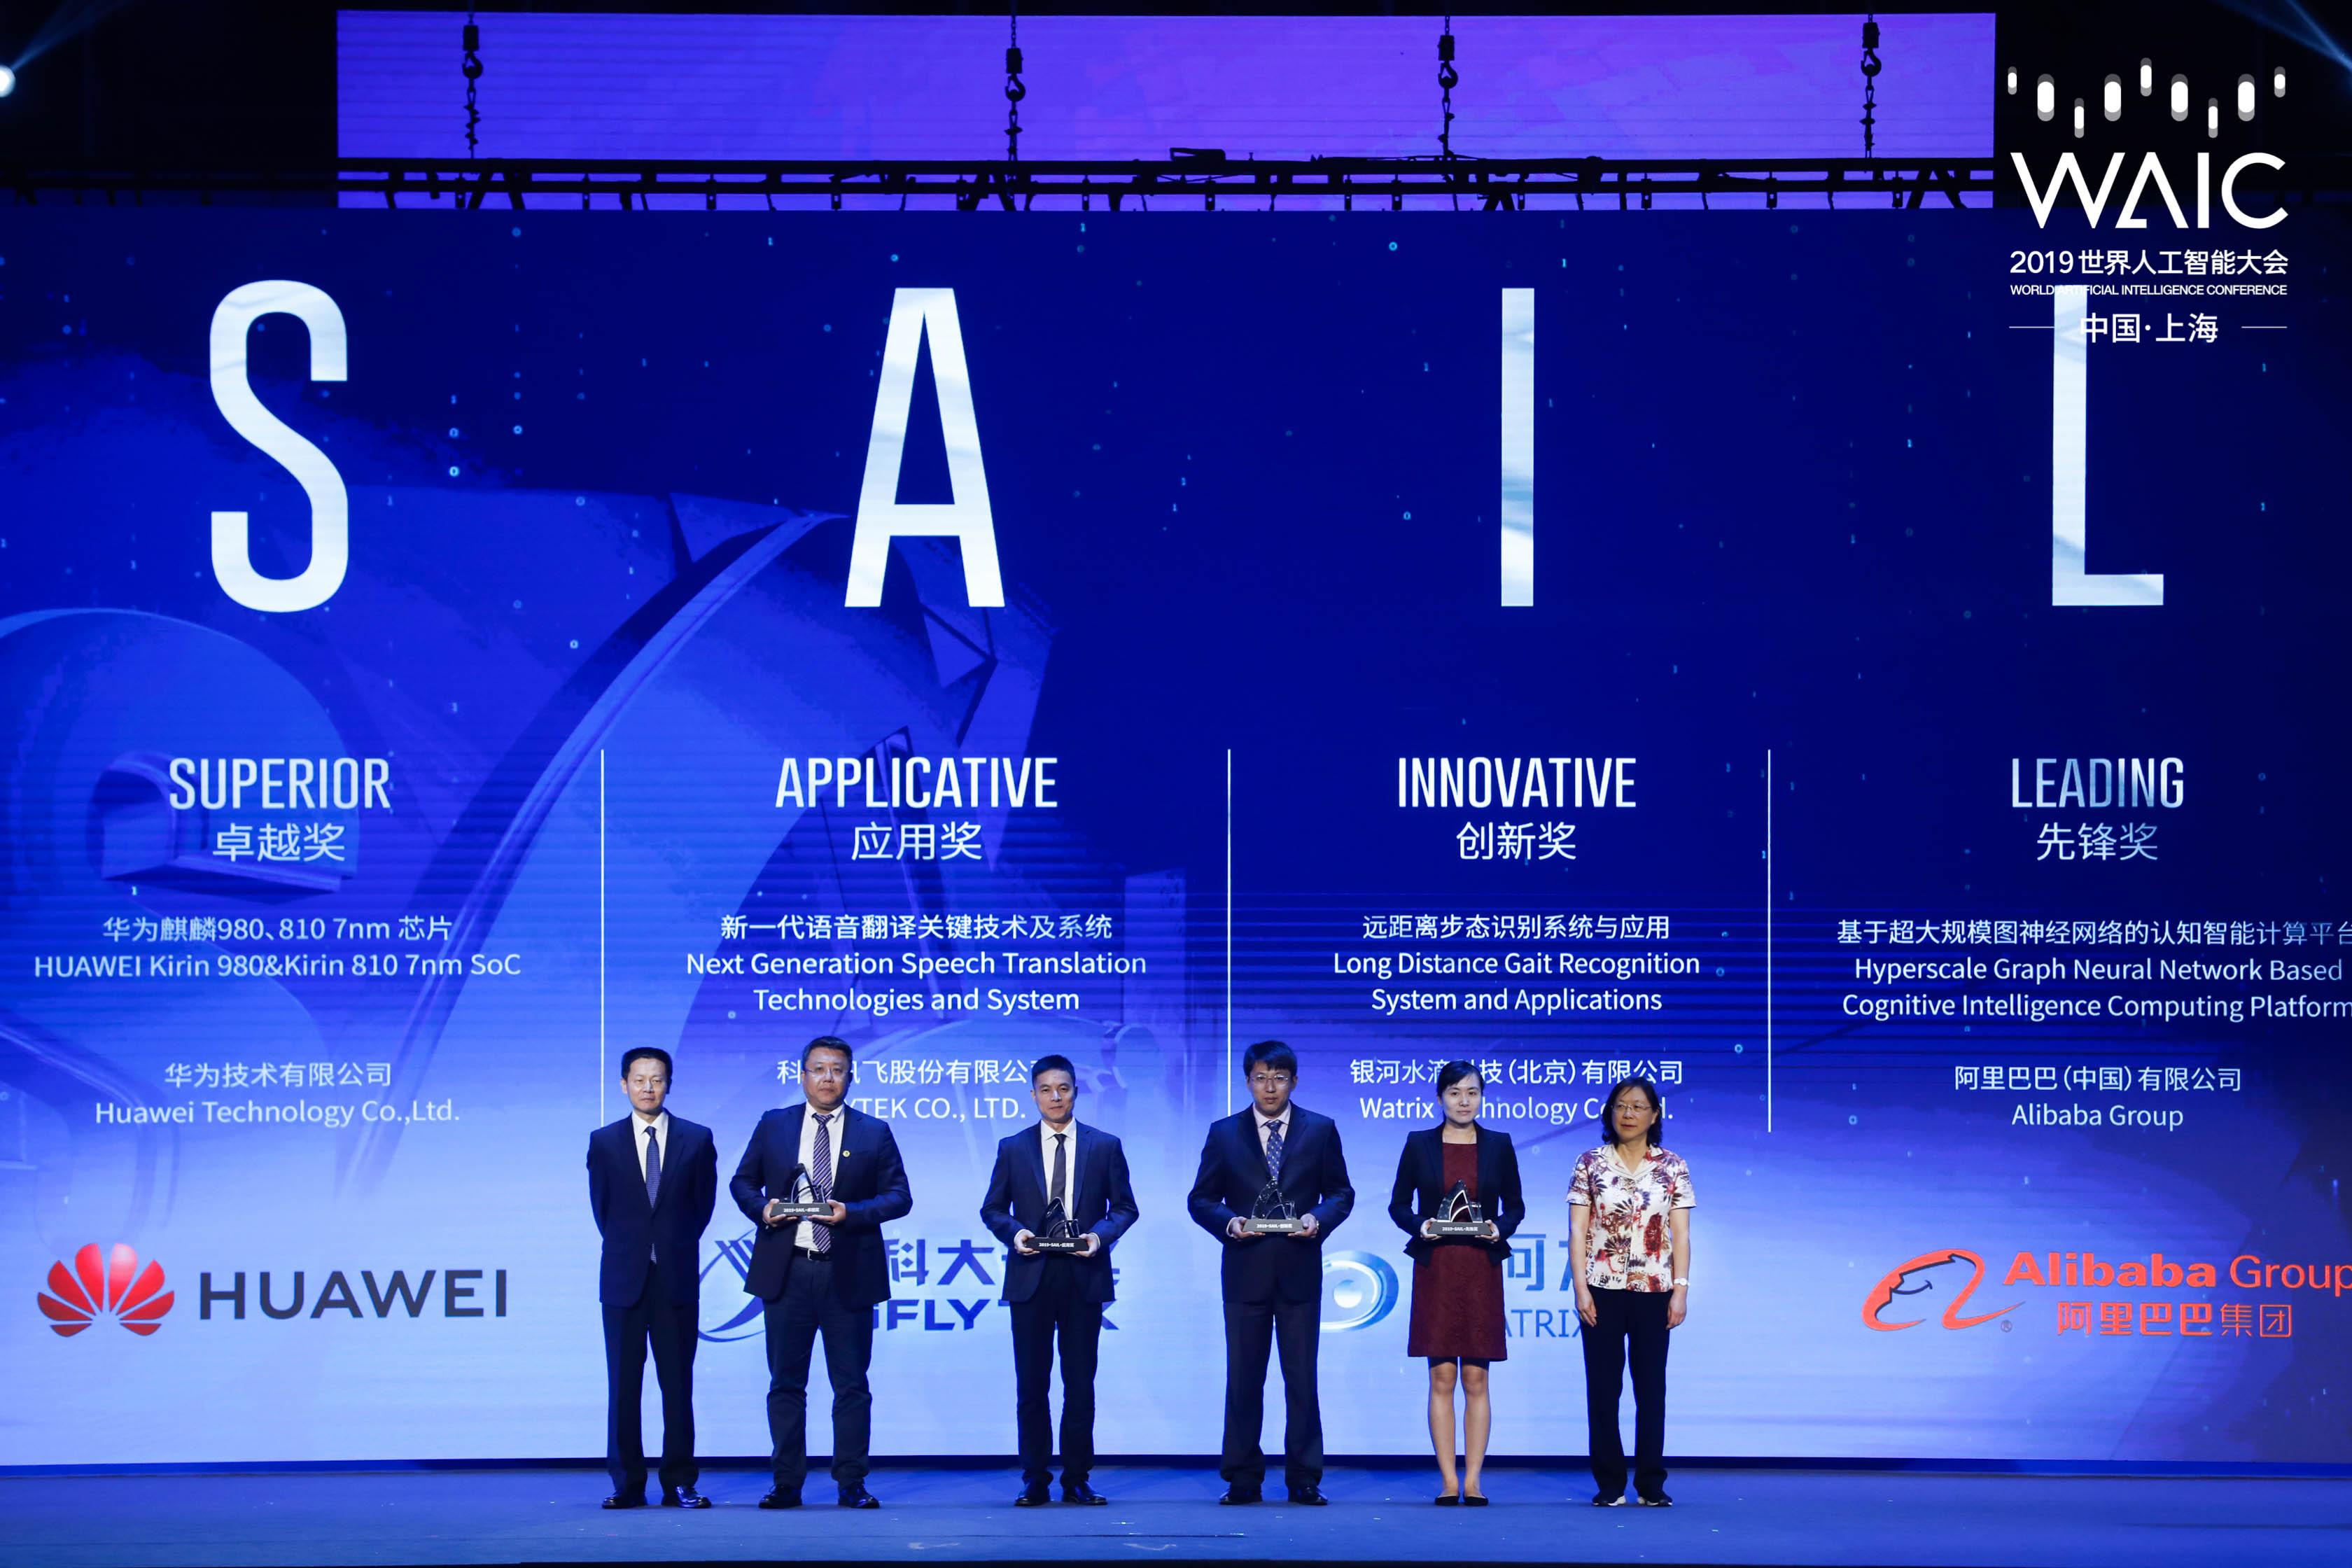 29日主会场-发布上海人工智能重大应用场景_2.jpg